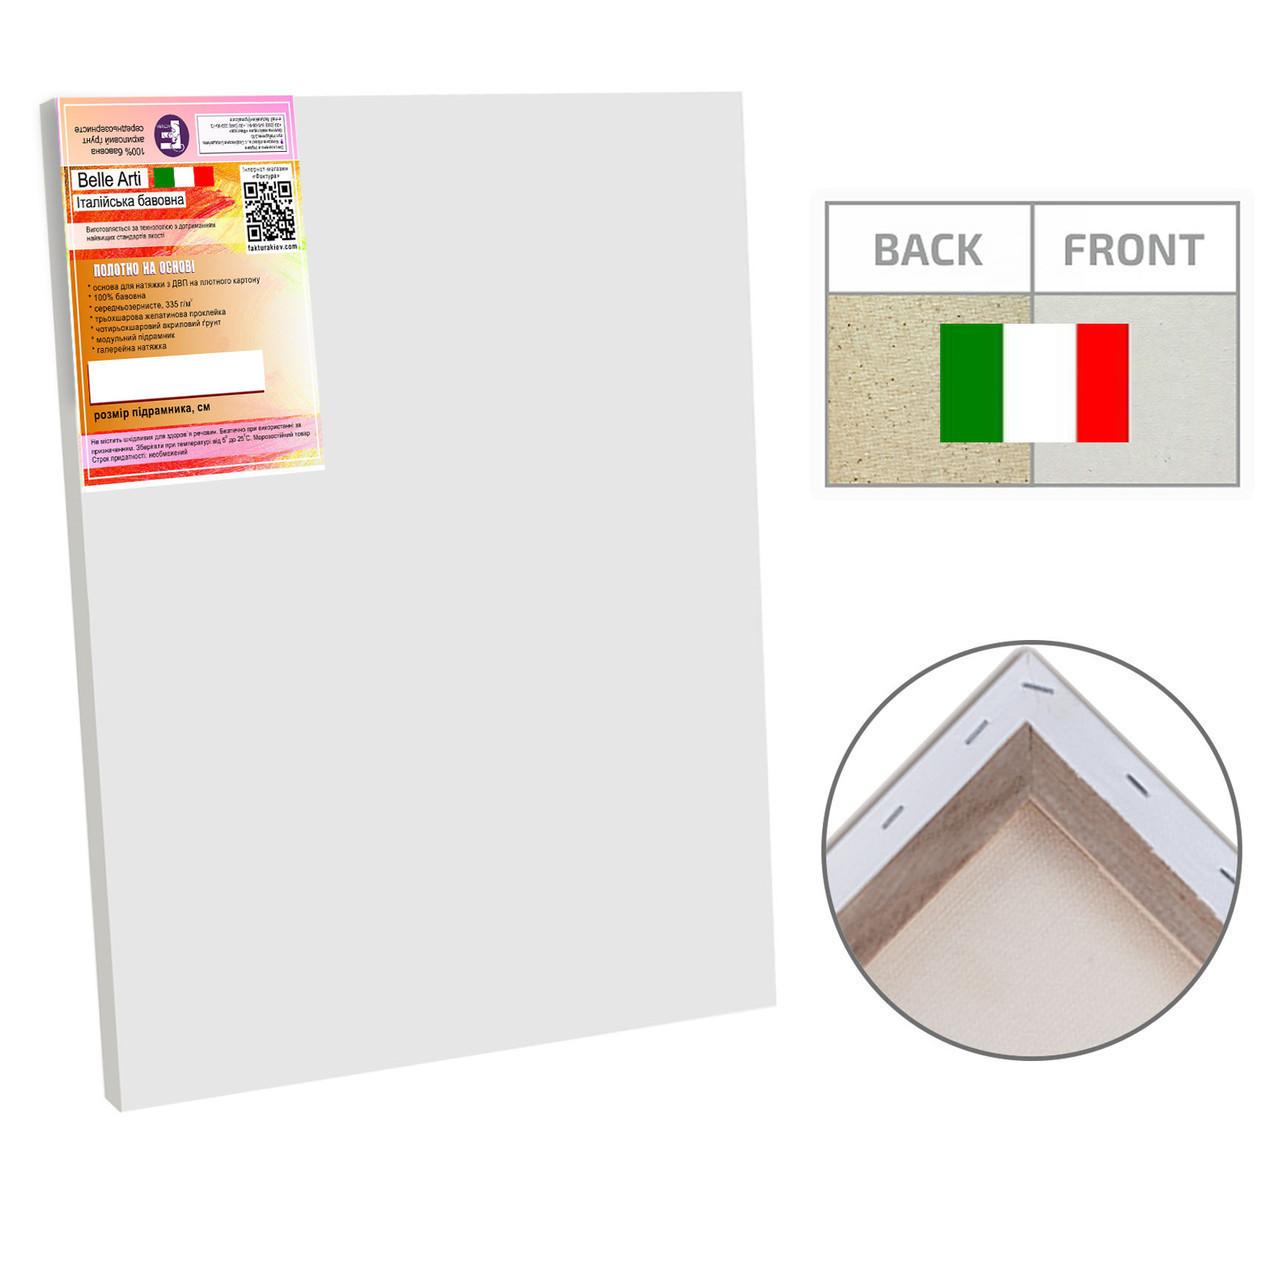 Холст на подрамнике Factura BelleArti 70х100см Итальянский хлопок 285 грамм кв.м. среднее зерно белый